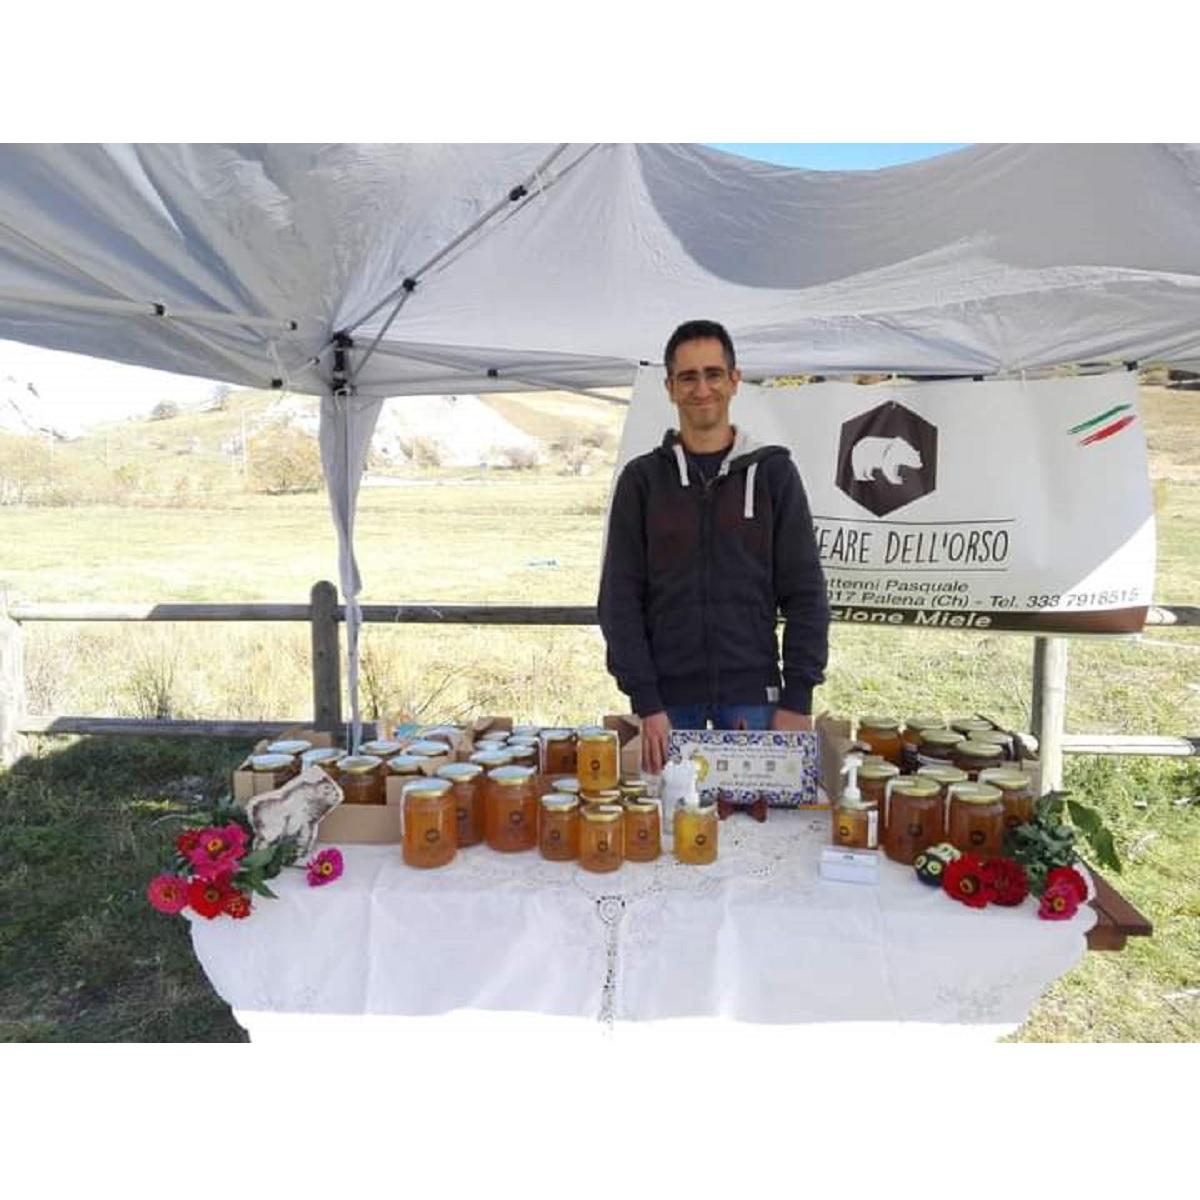 Intervista a Pasquale Rattenni apicoltore di Palena foto